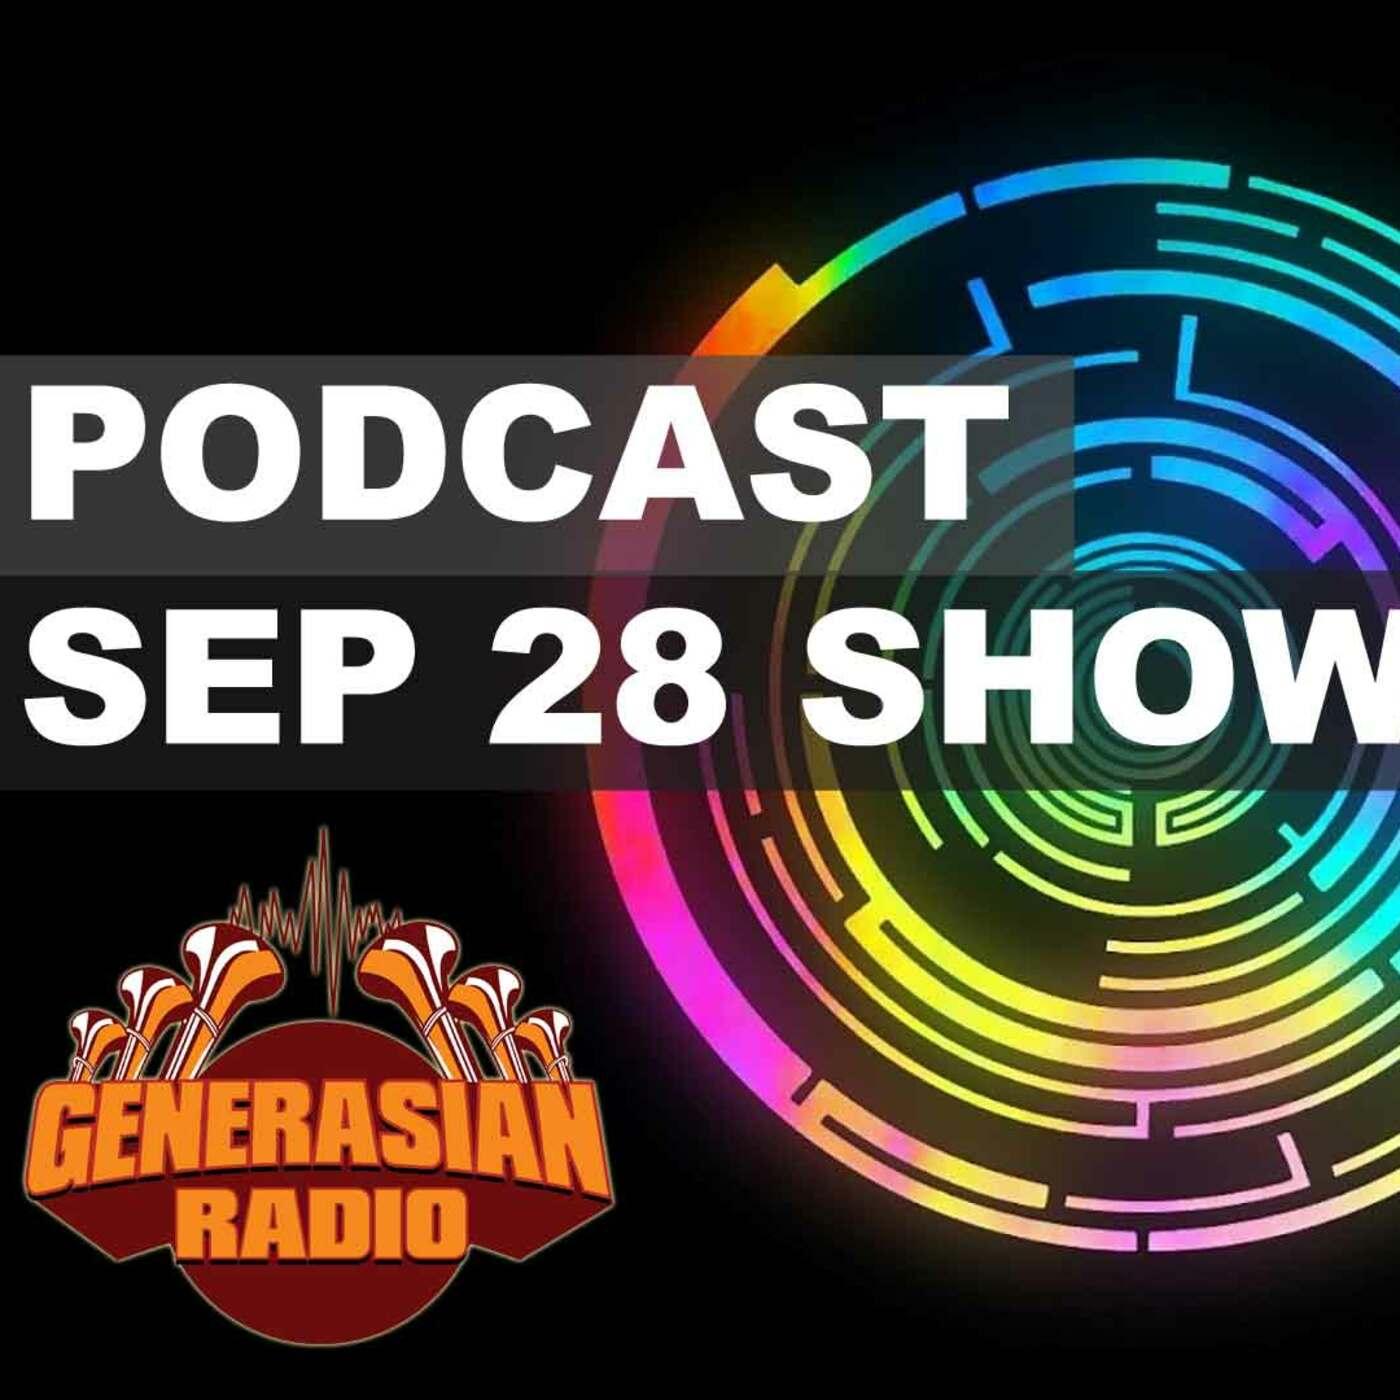 Generasian Radio